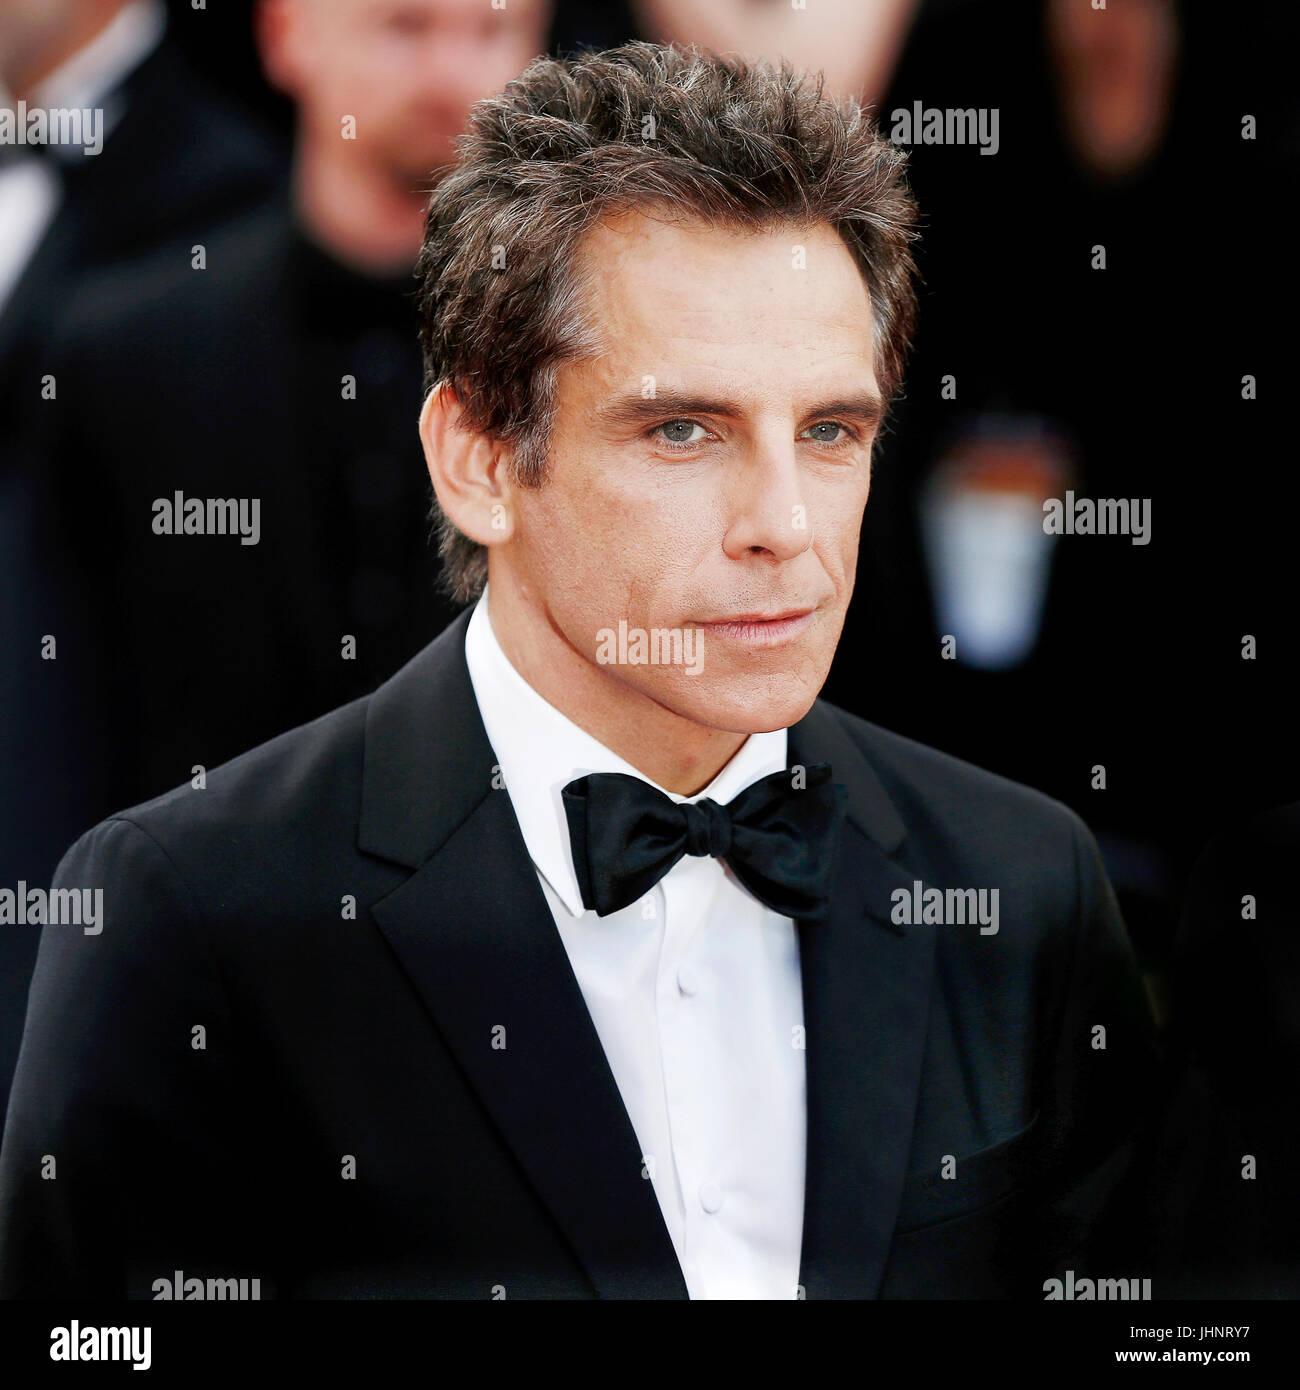 CANNES, Frankreich - 21. Mai: Schauspieler Ben Stiller besucht 'The Meyerowitz Stories' Premiere während der 70. Stockfoto